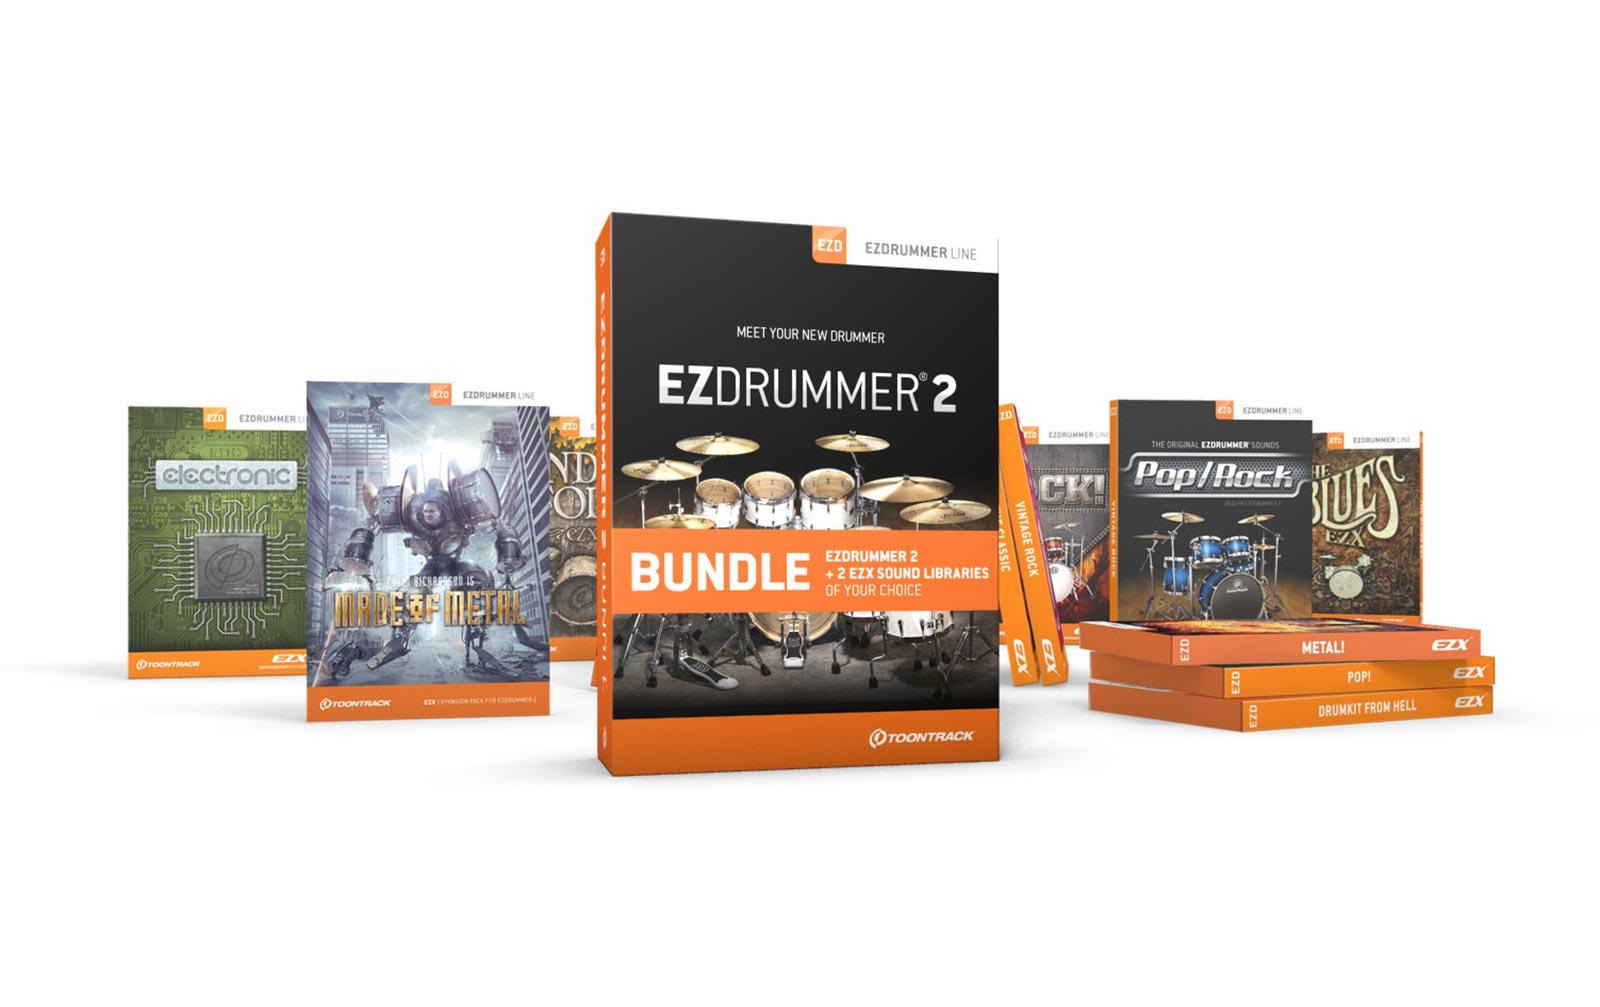 toontrack-ezdrummer-2-bundle